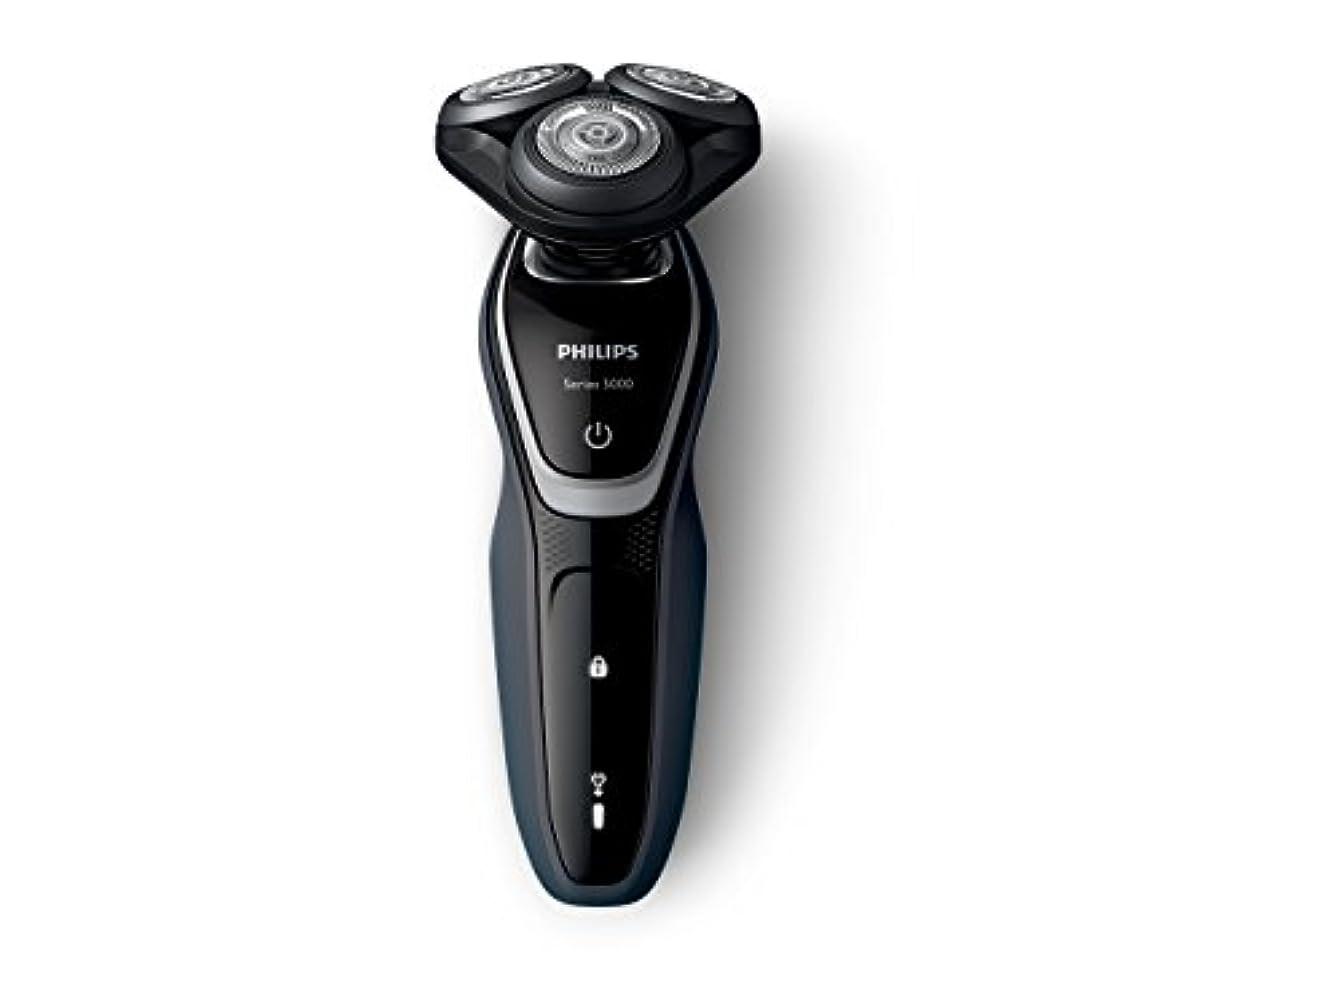 ペダルスナッチ必要条件フィリップス 5000シリーズ メンズ 電気シェーバー 27枚刃 回転式 お風呂剃り & 丸洗い可 トリマー付 S5211/12